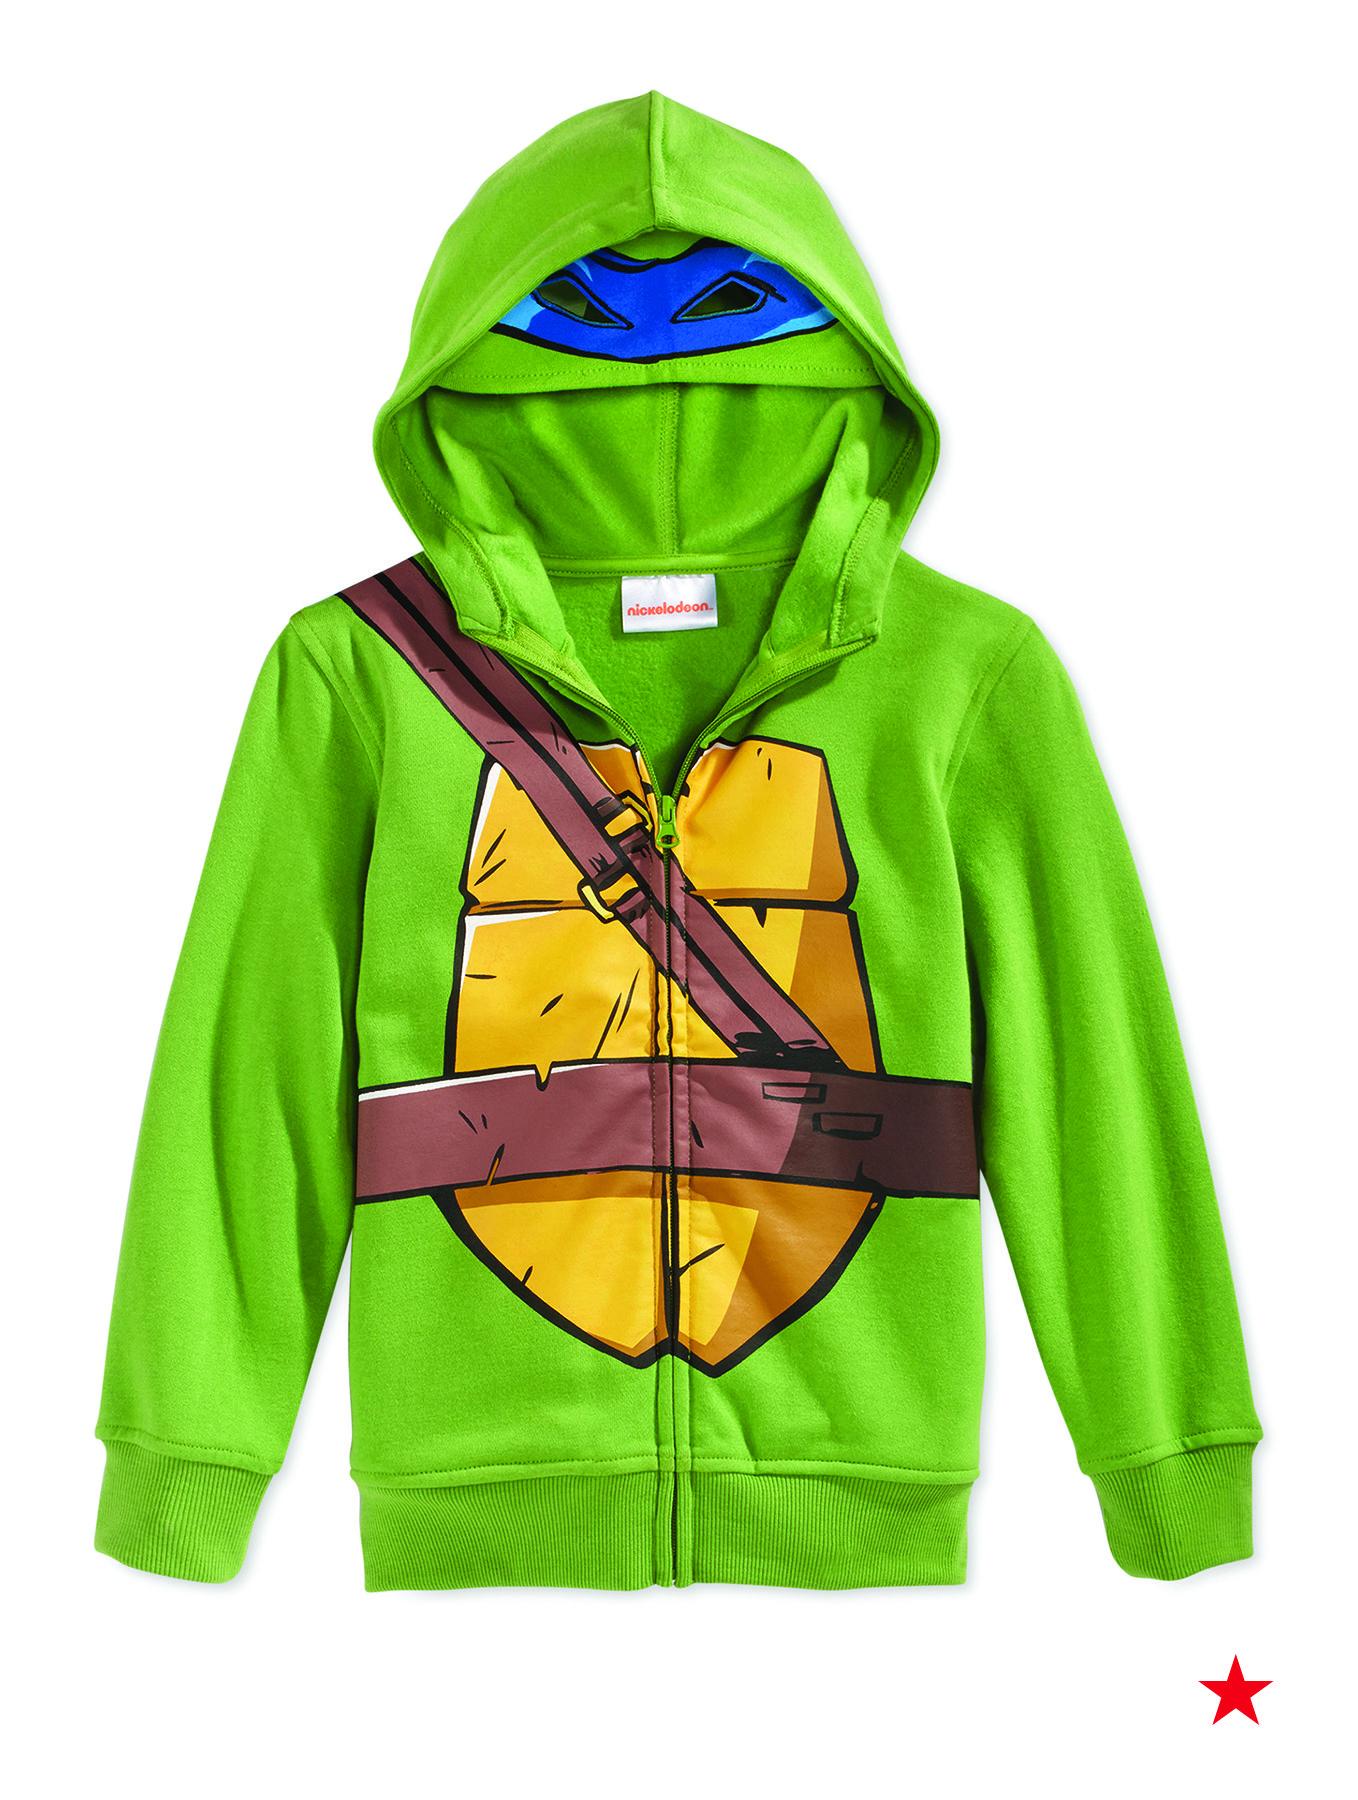 NEW Boys 2p Outfit 2T Teen Mutant Ninja Turtles Hoodie Zip Jacket Pants Set TMNT